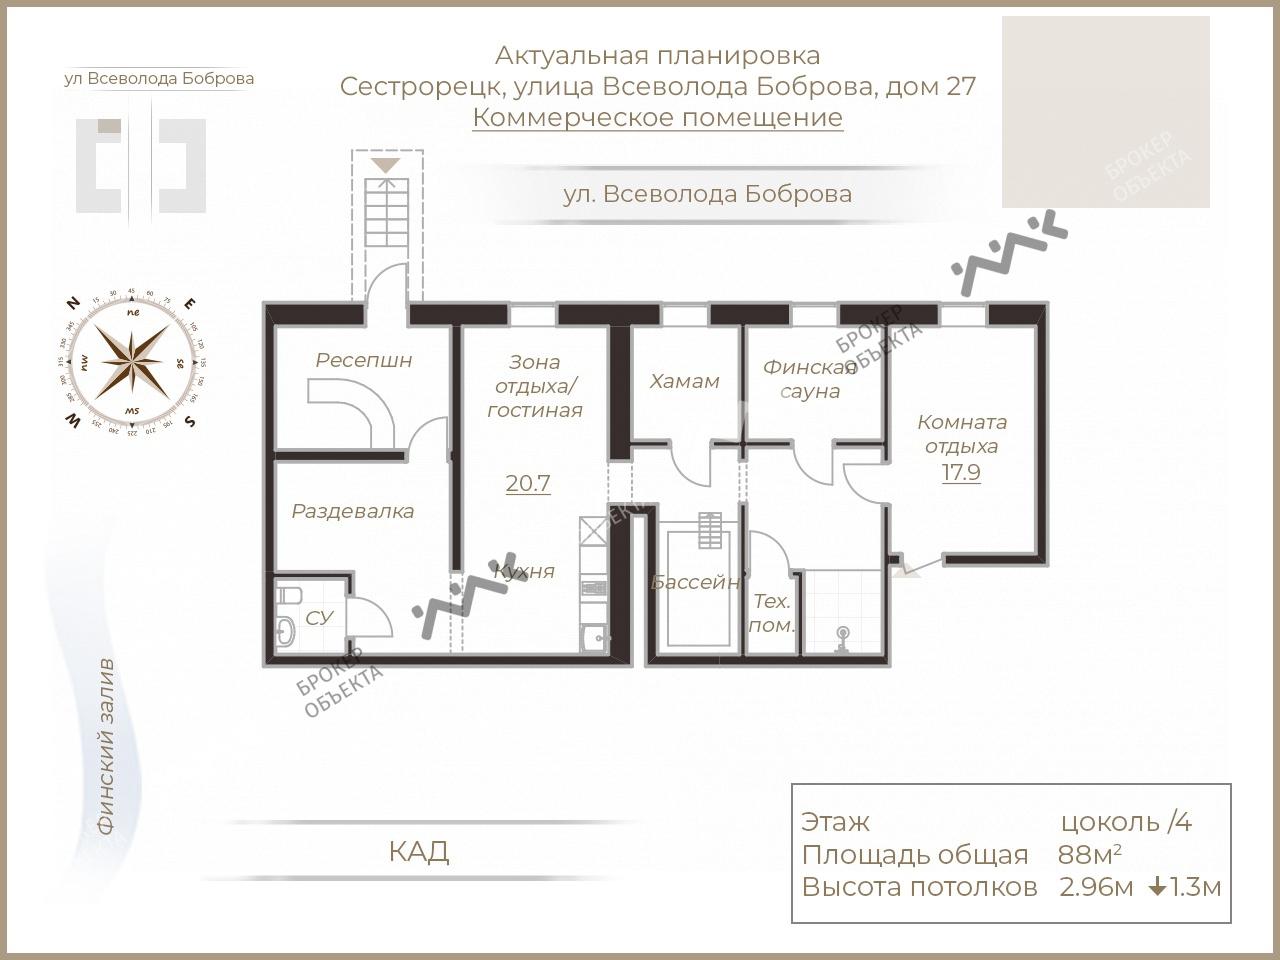 Планировка г. Сестрорецк, Всеволода Боброва ул., д.27. Лот № 1830622